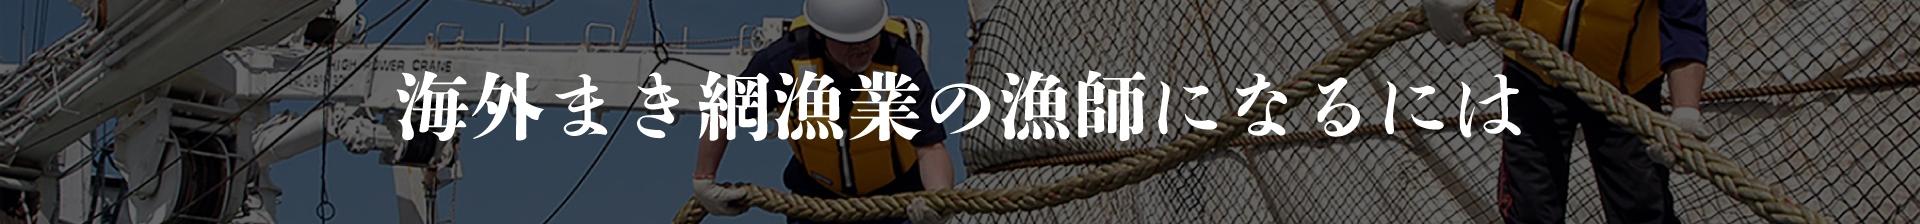 海外まき網漁業の漁師になるにはキャッチ